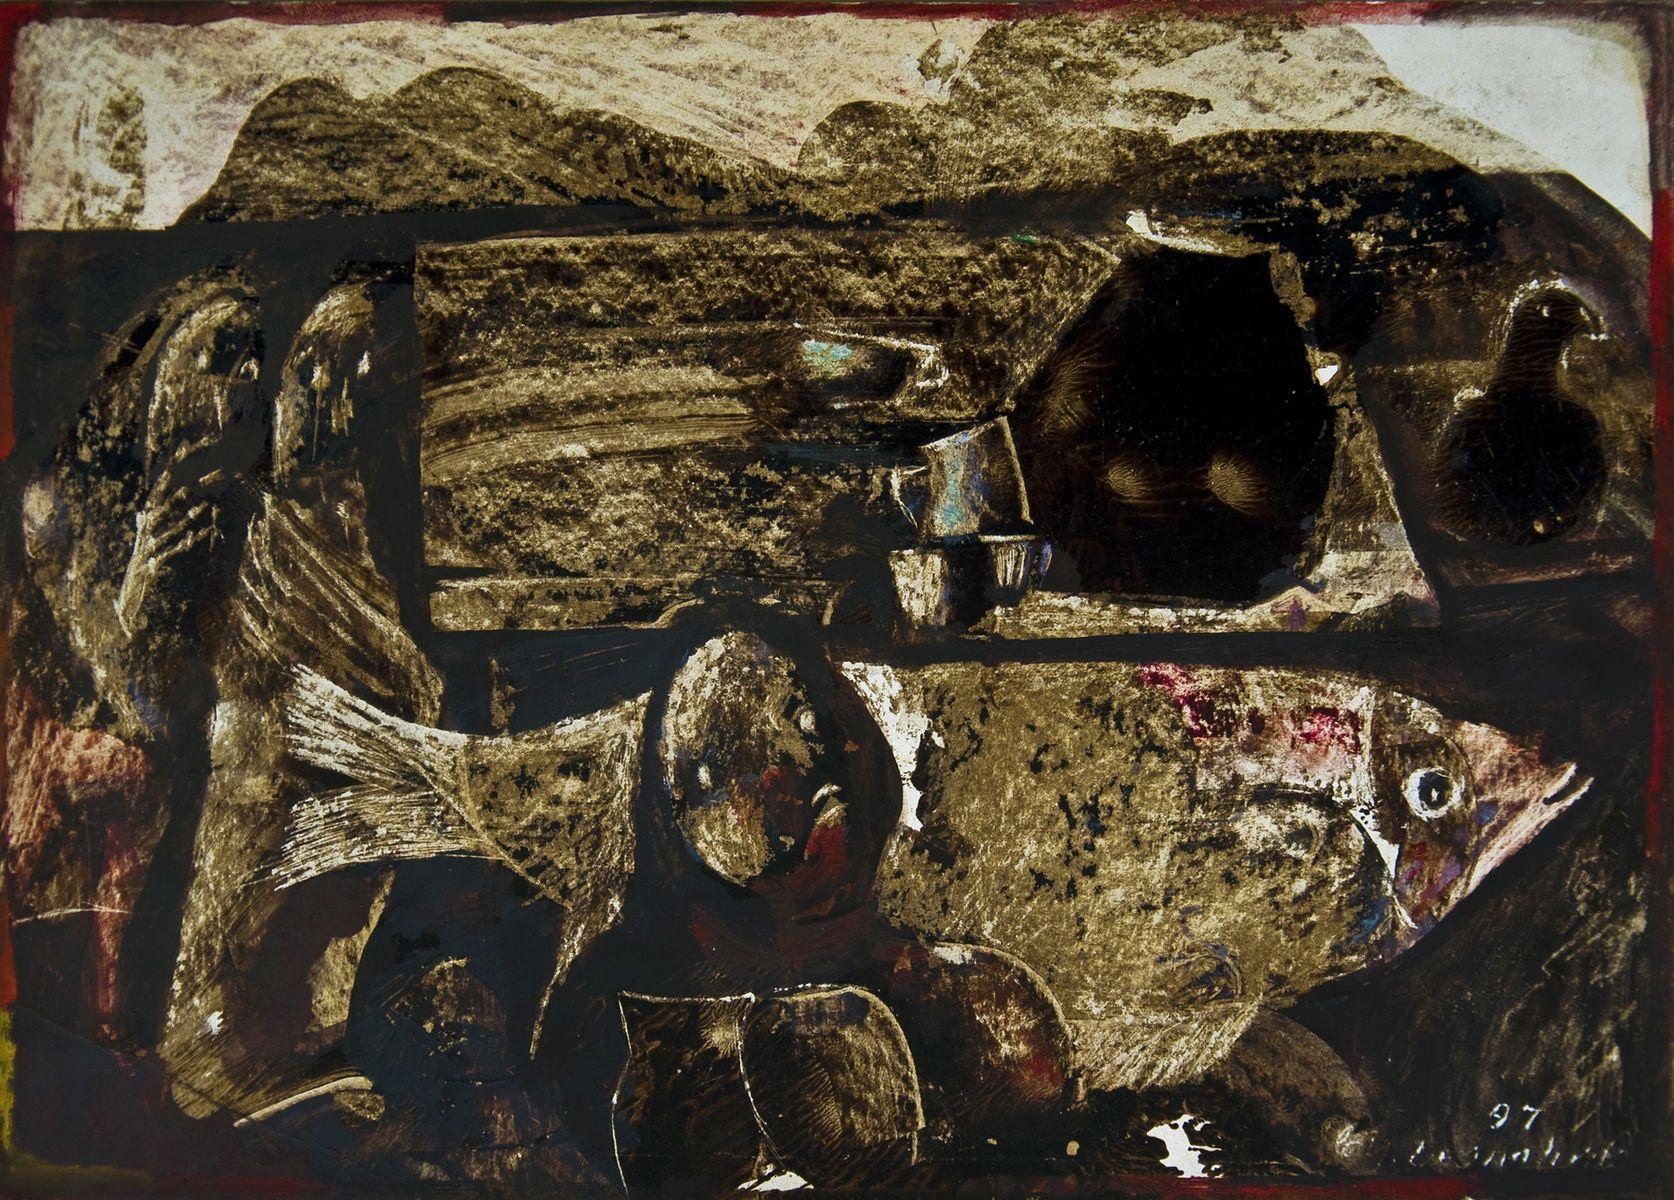 Михайло Безпальків. Велика риба, 2007. Папір, авторська техніка; 21х30